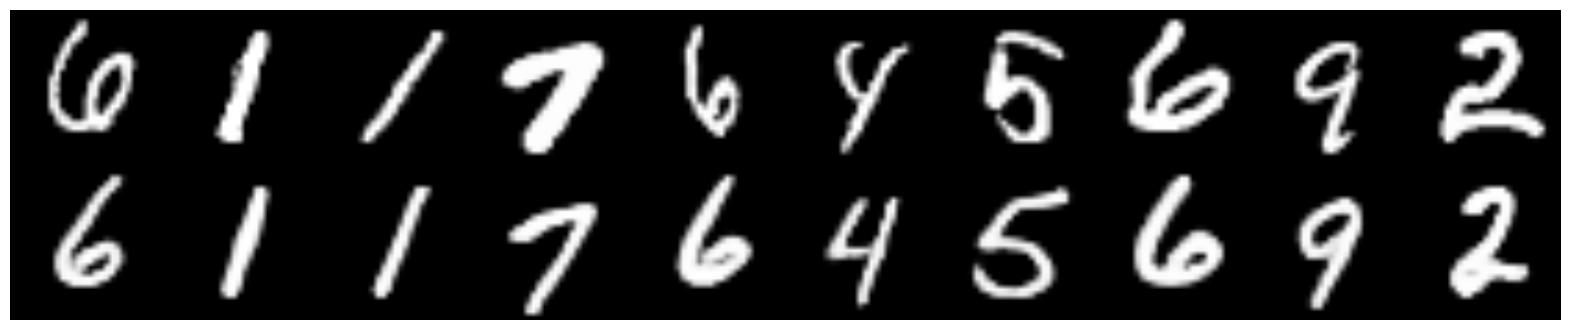 Автоэнкодеры в Keras, Часть 6: VAE + GAN - 70